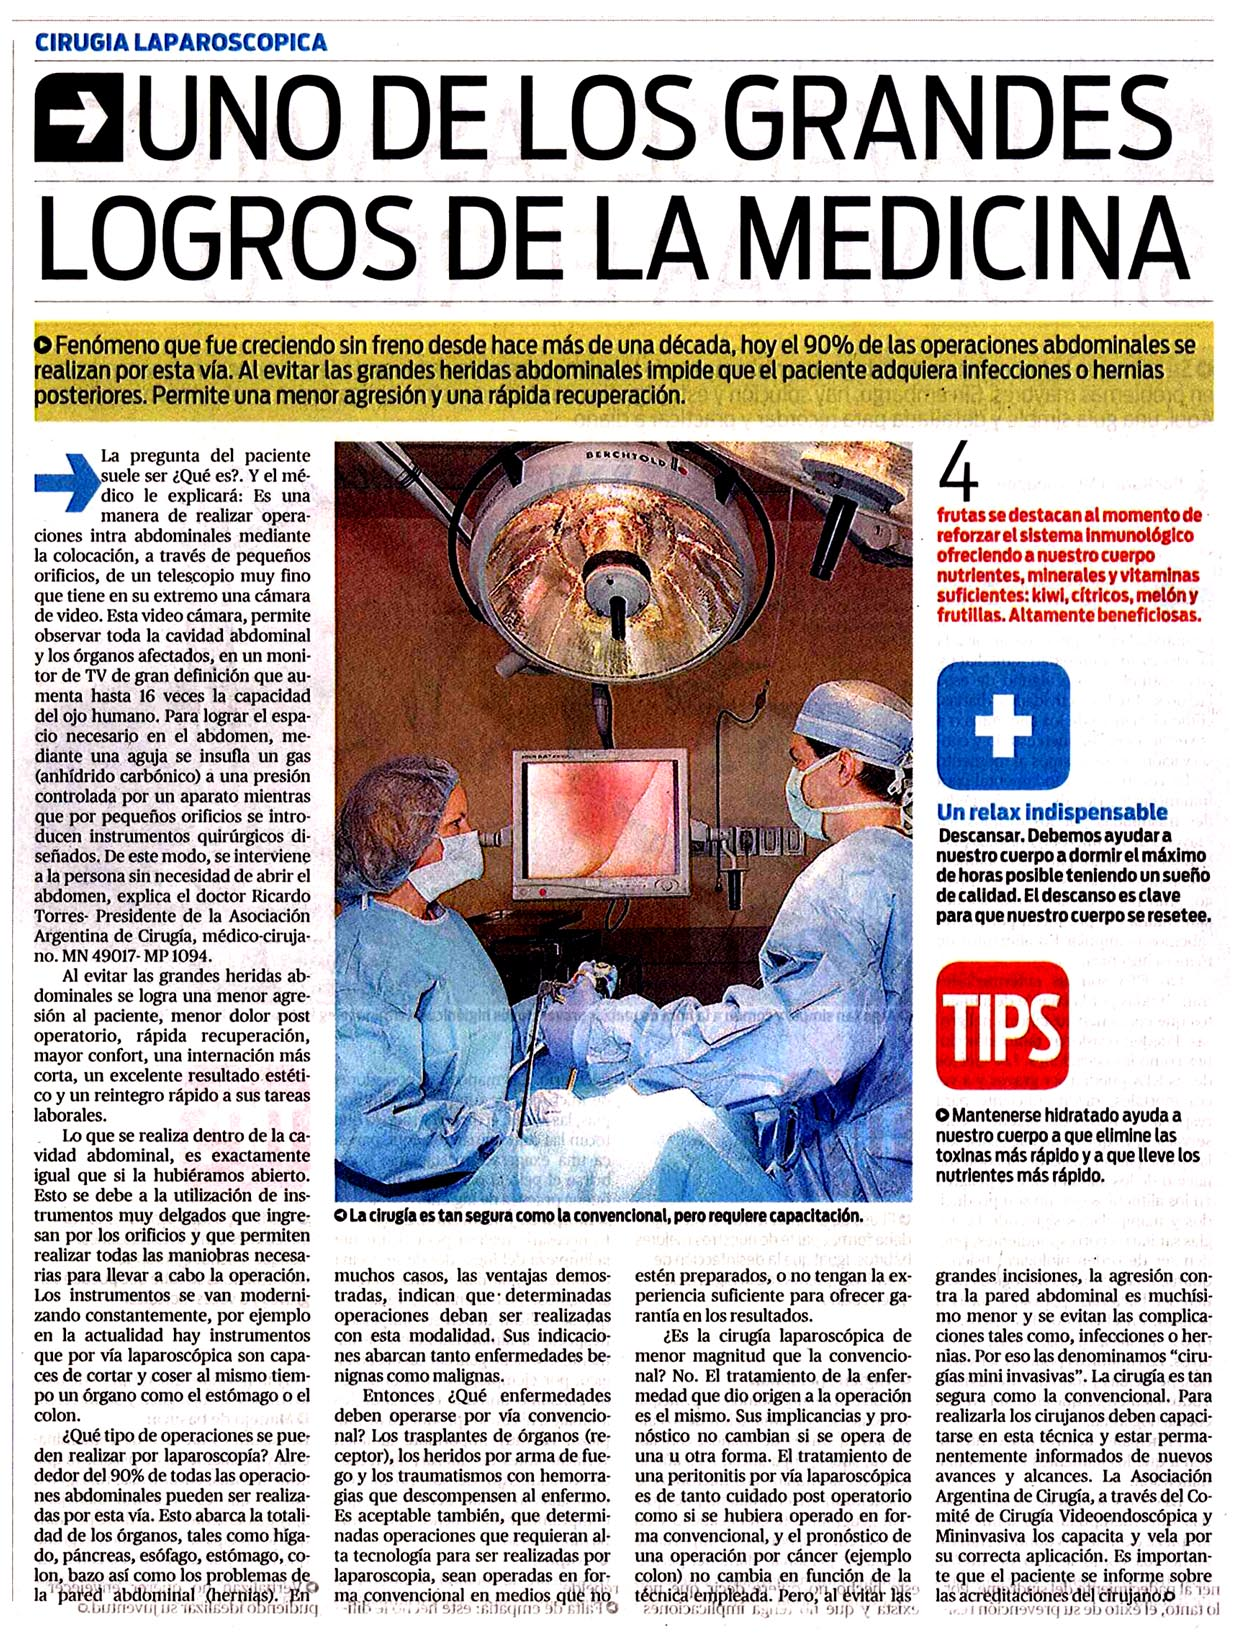 Diario Popular Asociación Argentina de Cirugía